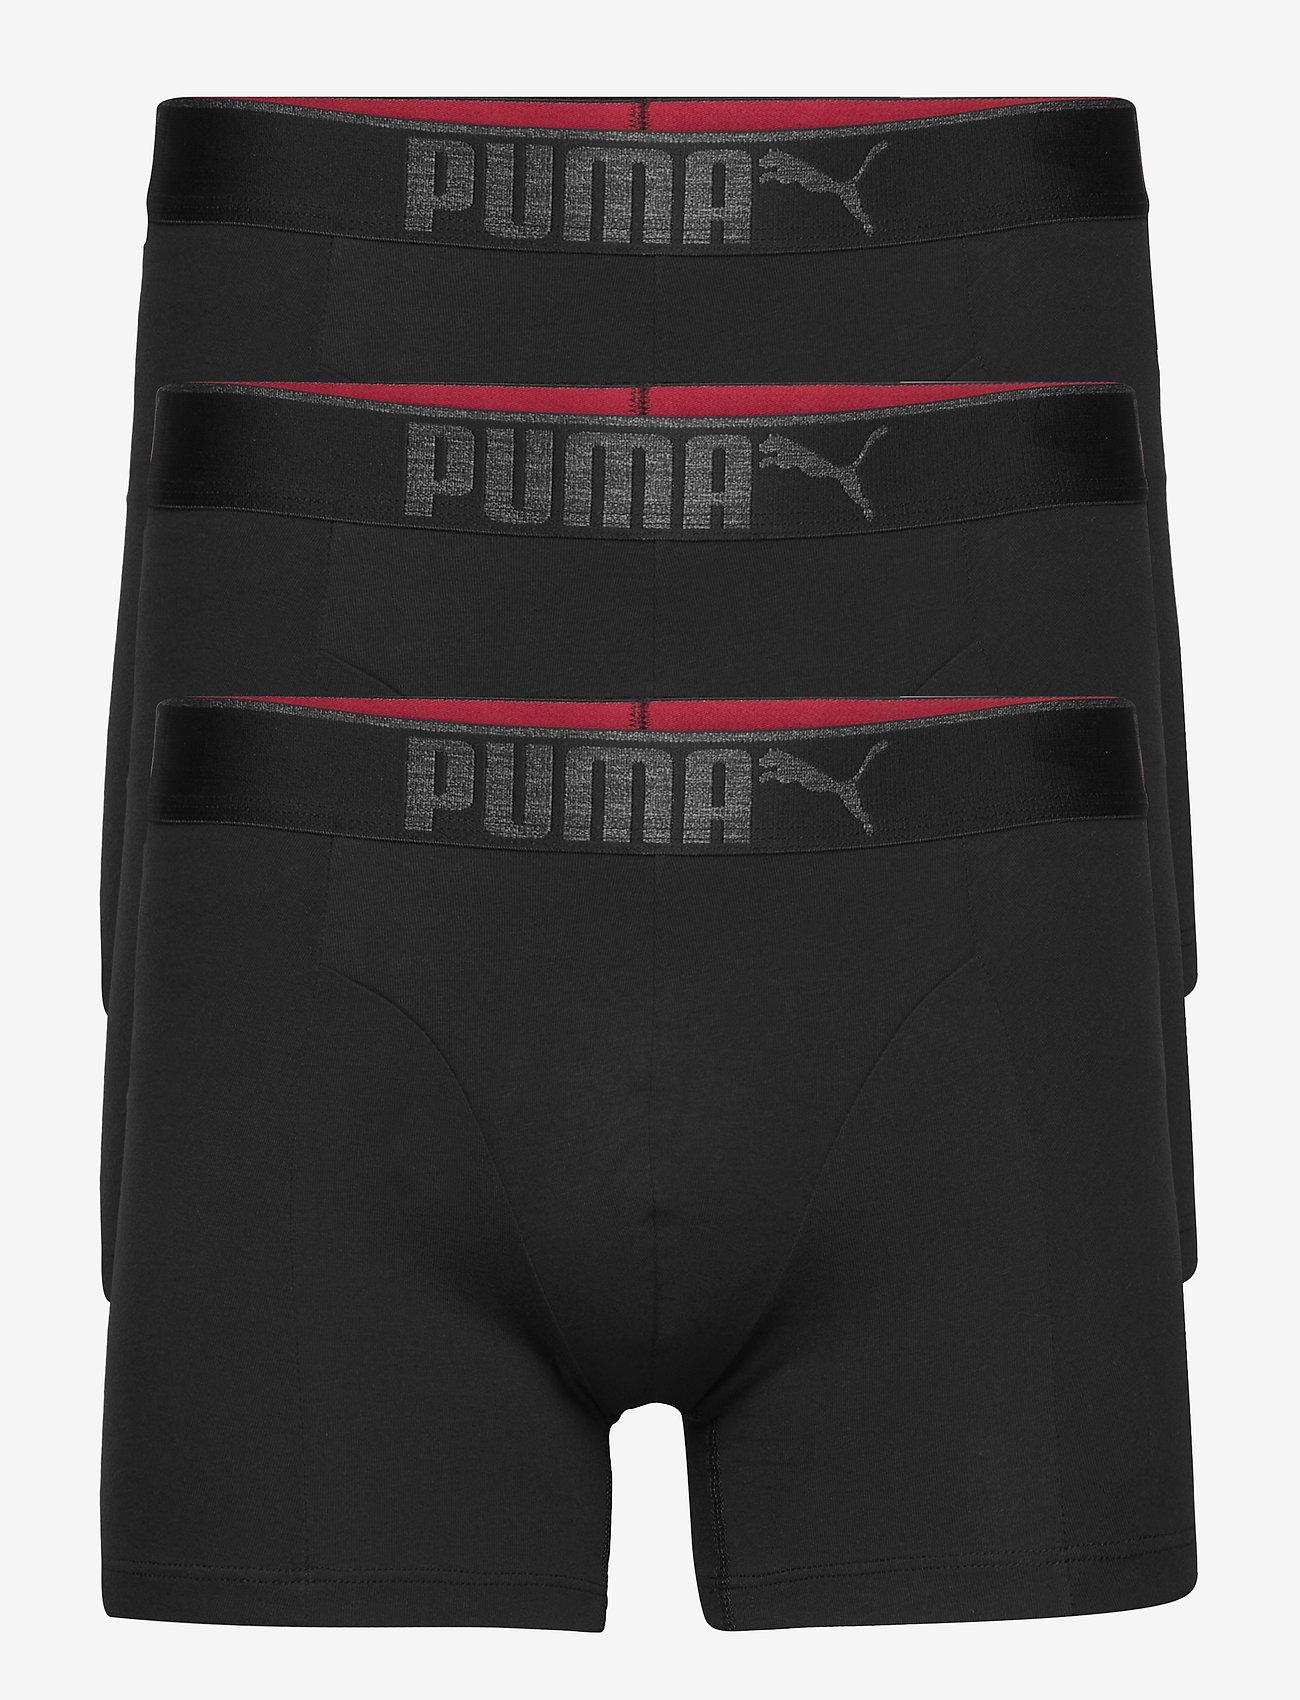 PUMA - PUMA PREMIUM SUEDED COTTON BOXER 3P - boxer briefs - black - 0